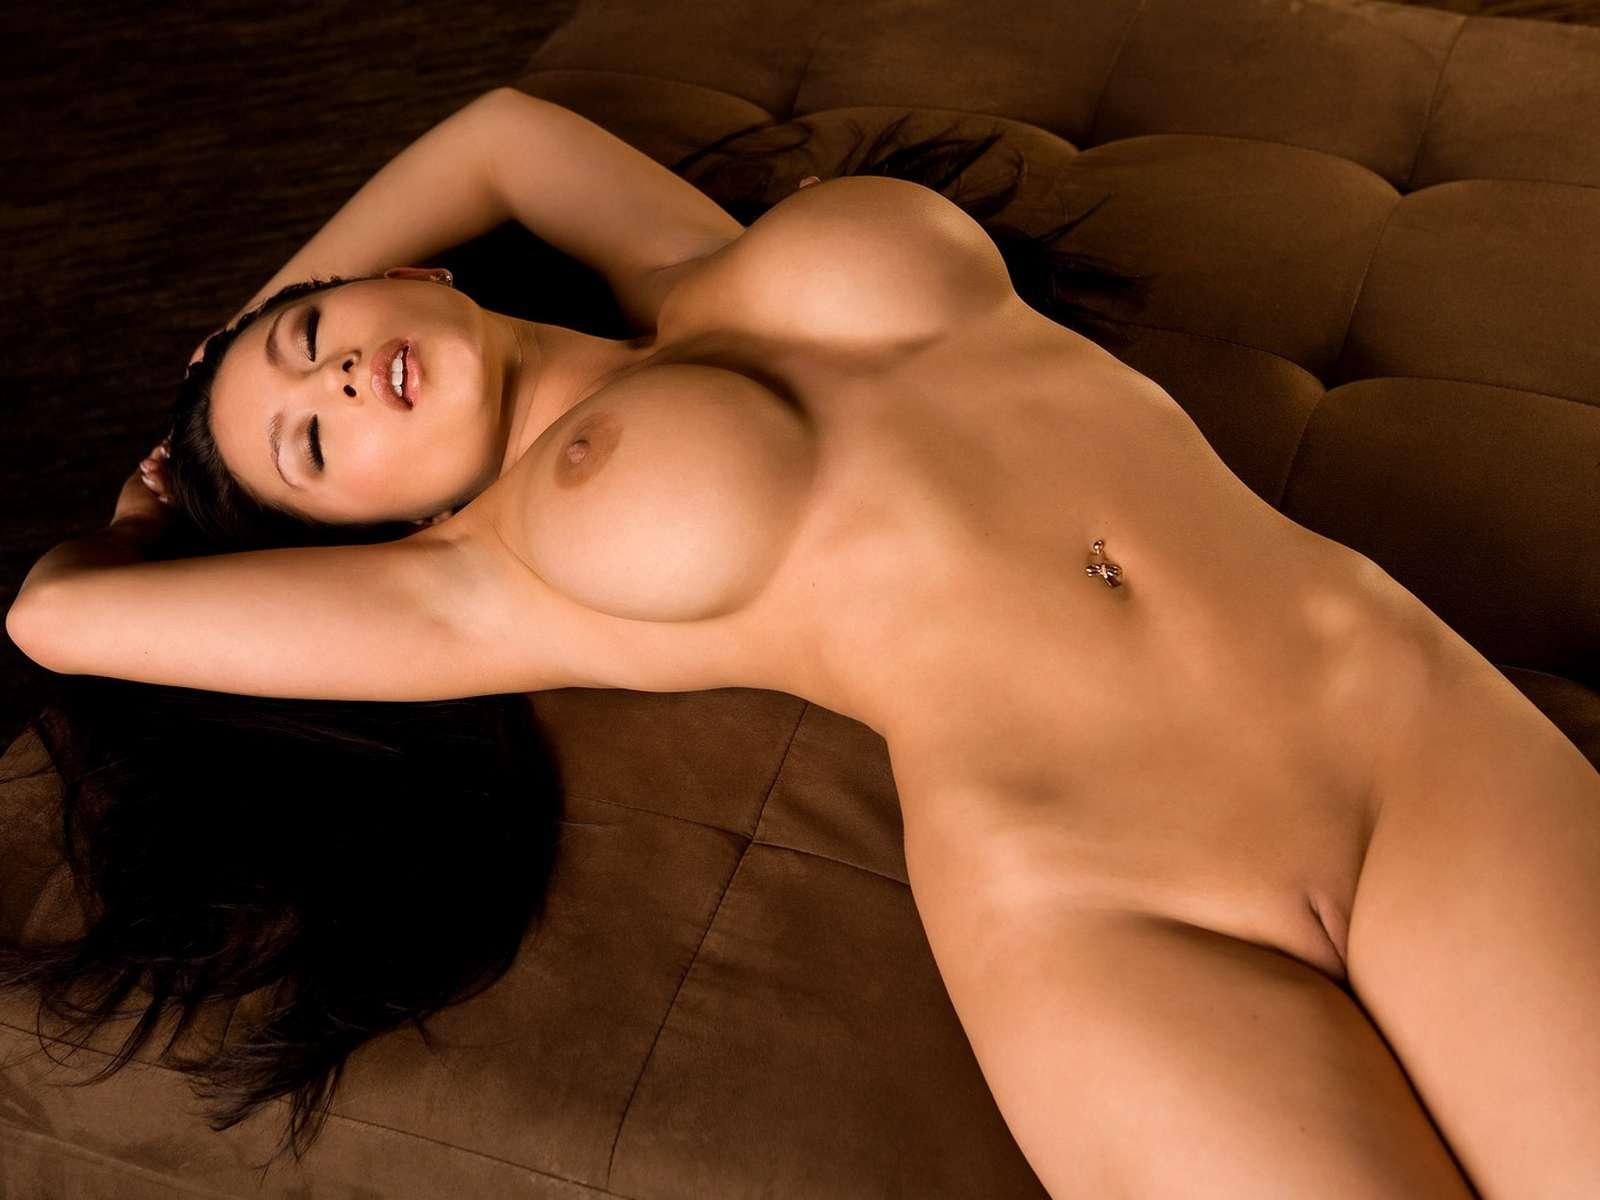 Просмотр еротичиских фото 16 фотография